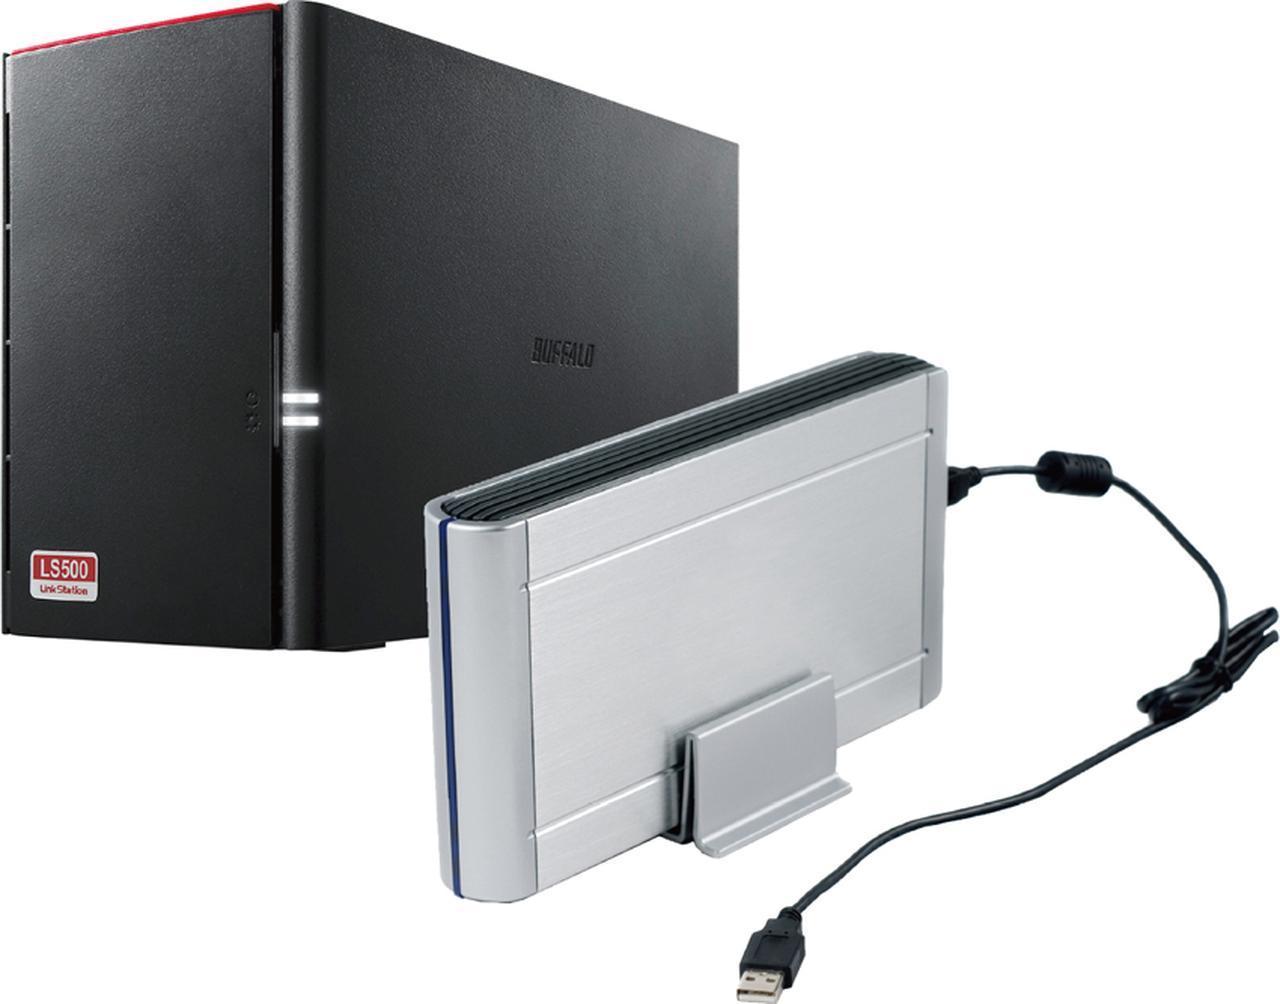 画像: USB接続でも、NASでも、複数のドライブを装備して、RAIDなど分散記録するタイプを使うことが、保存性の高い方法となる。